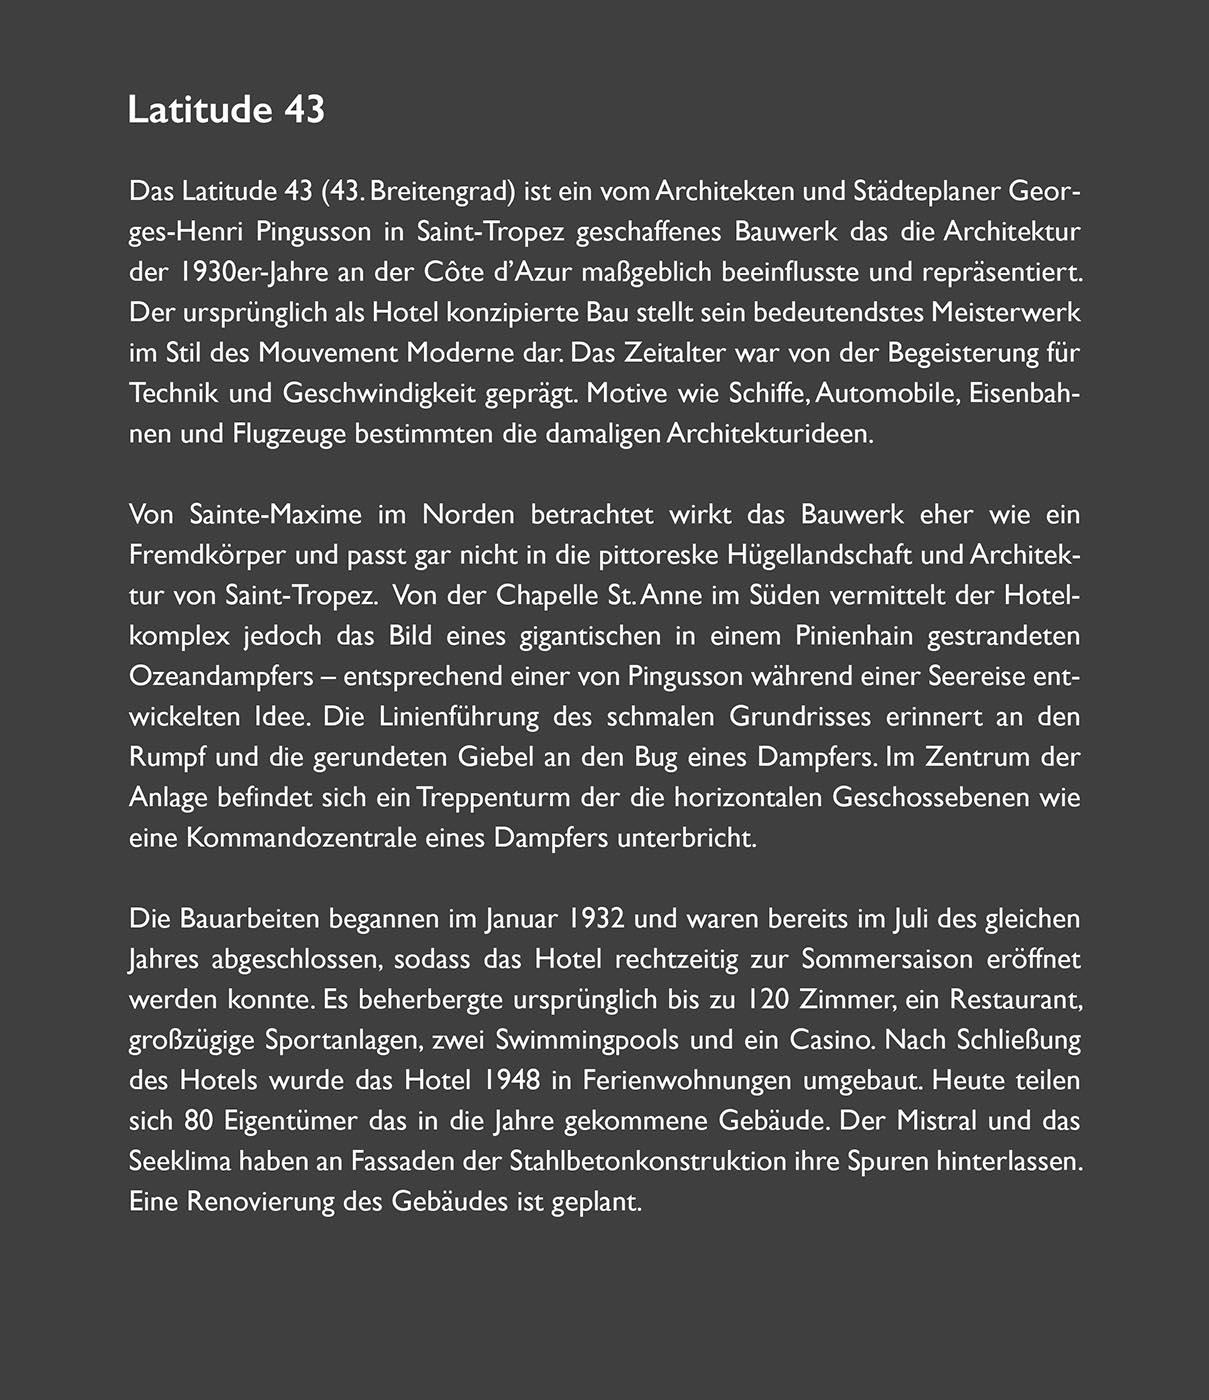 latitude_text